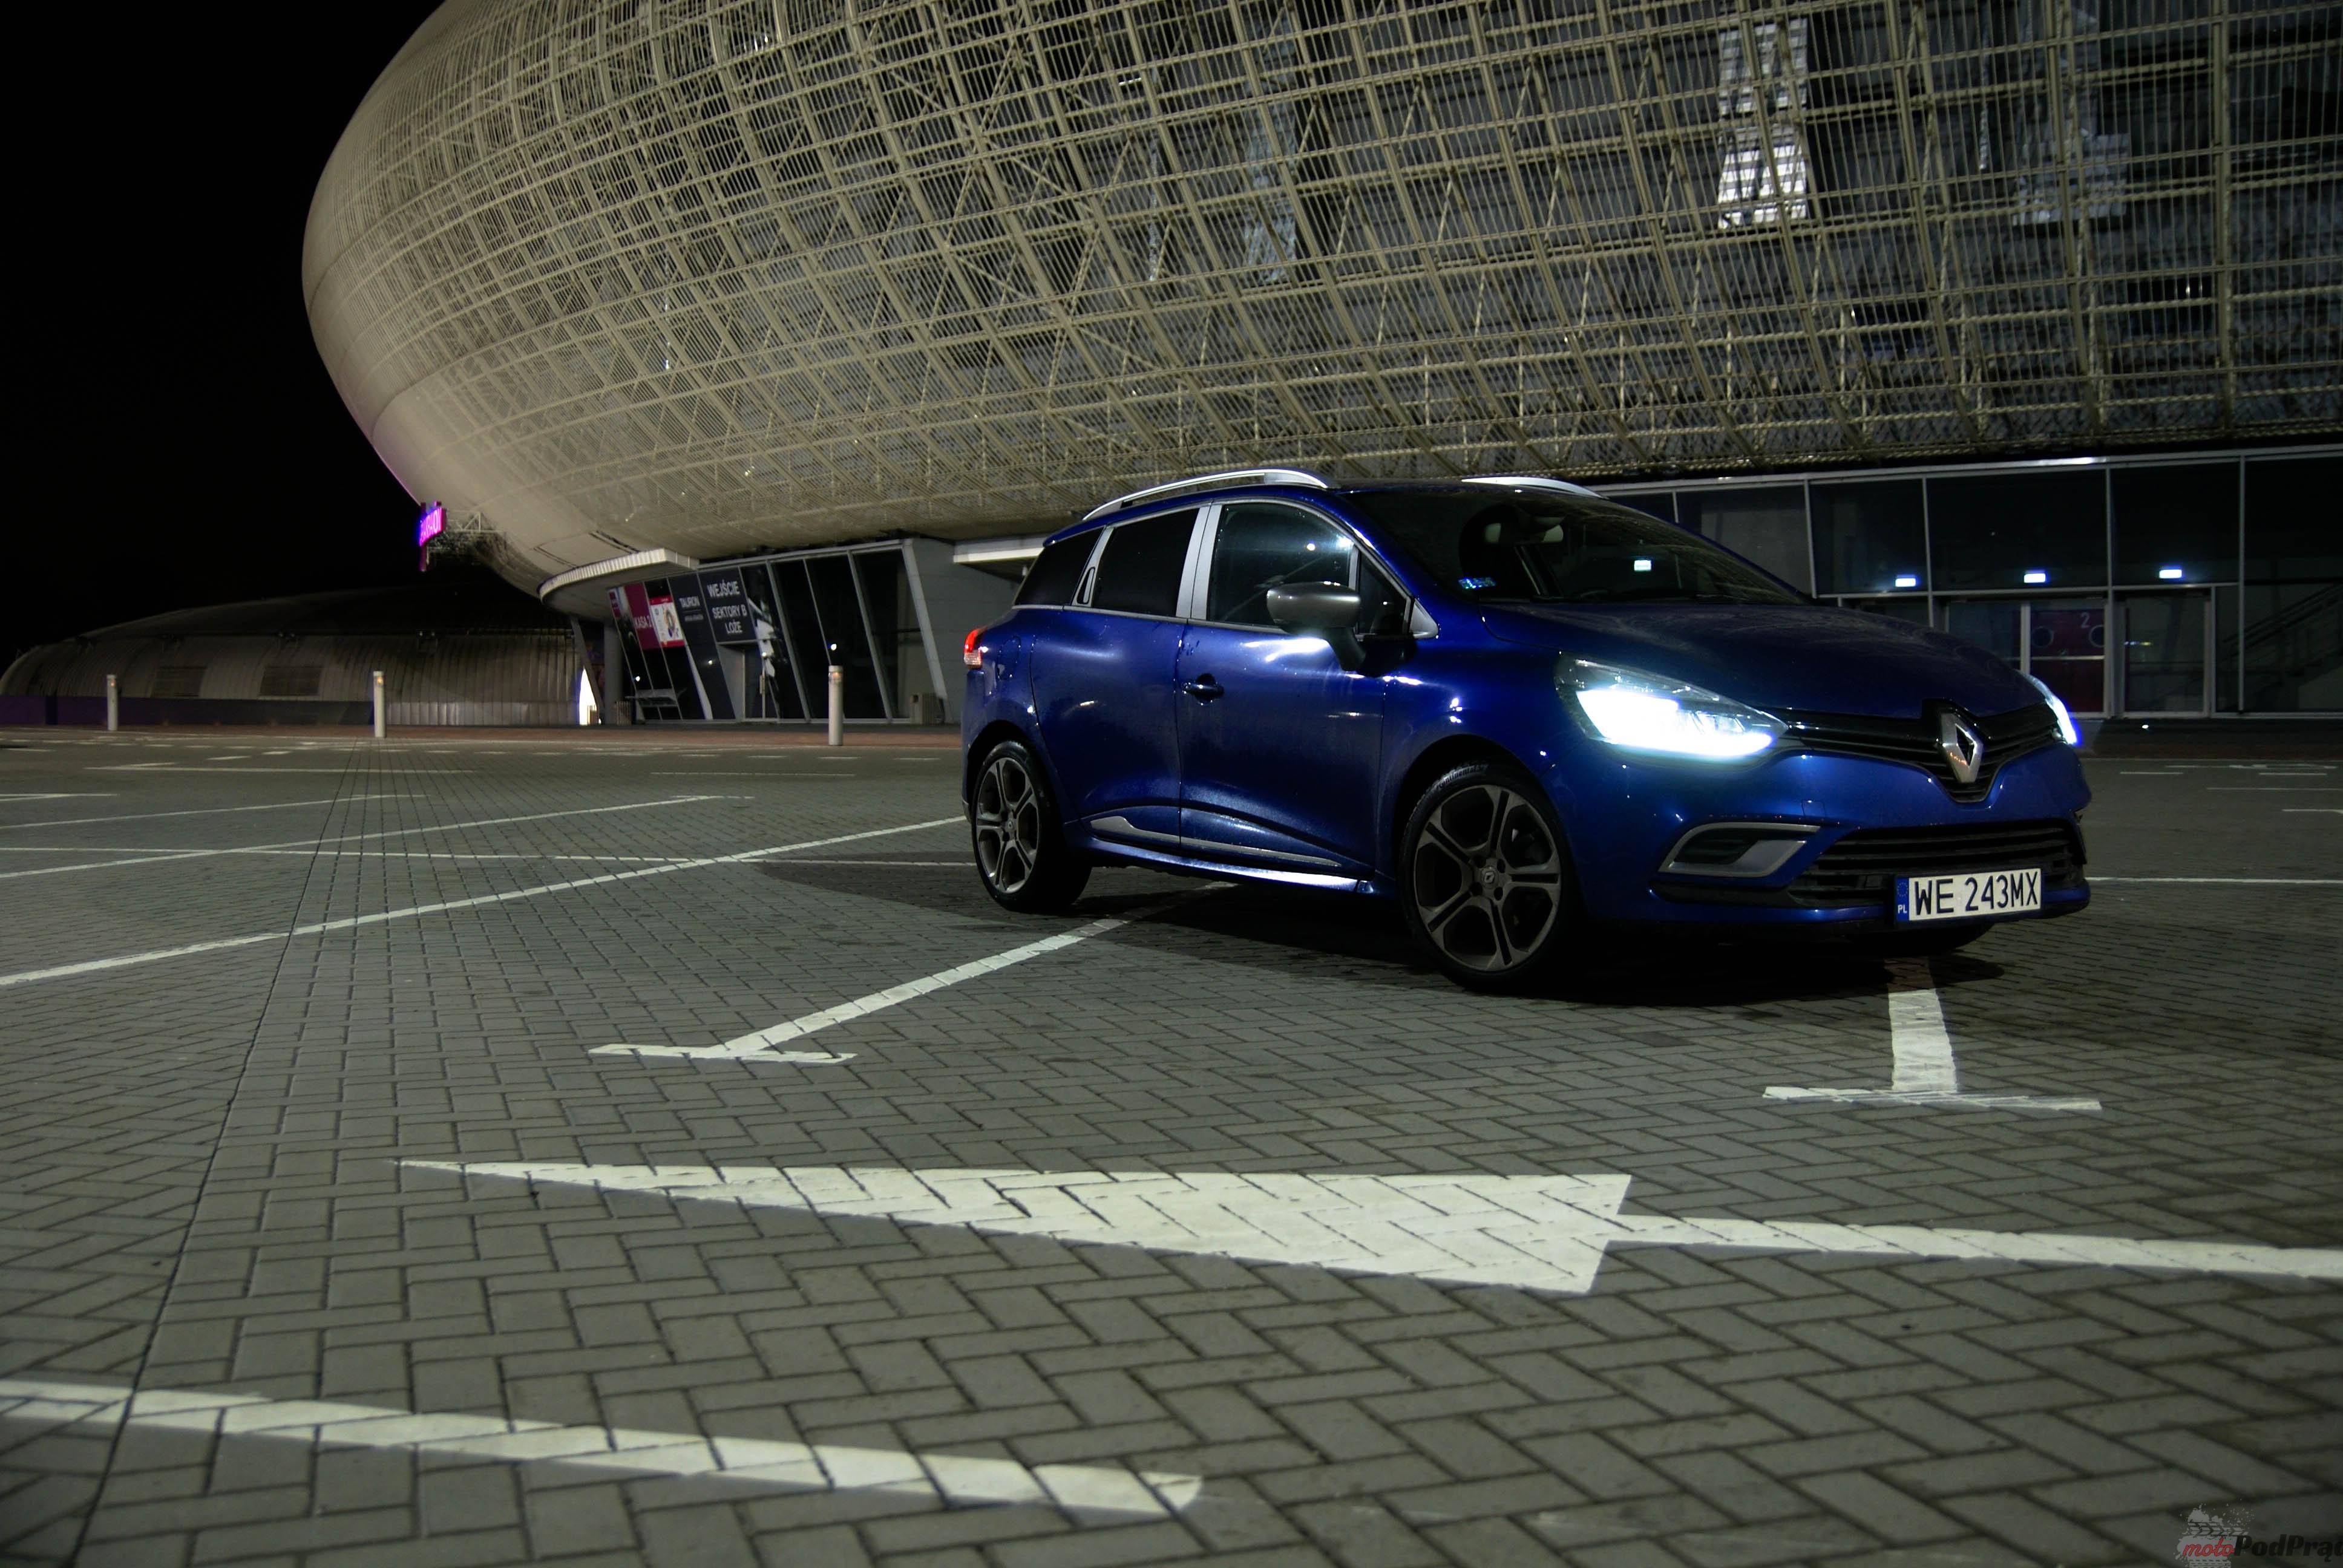 Renault Clio Grandtour GT Line 3 Najpopularniejsze samochody w krajach europejskich